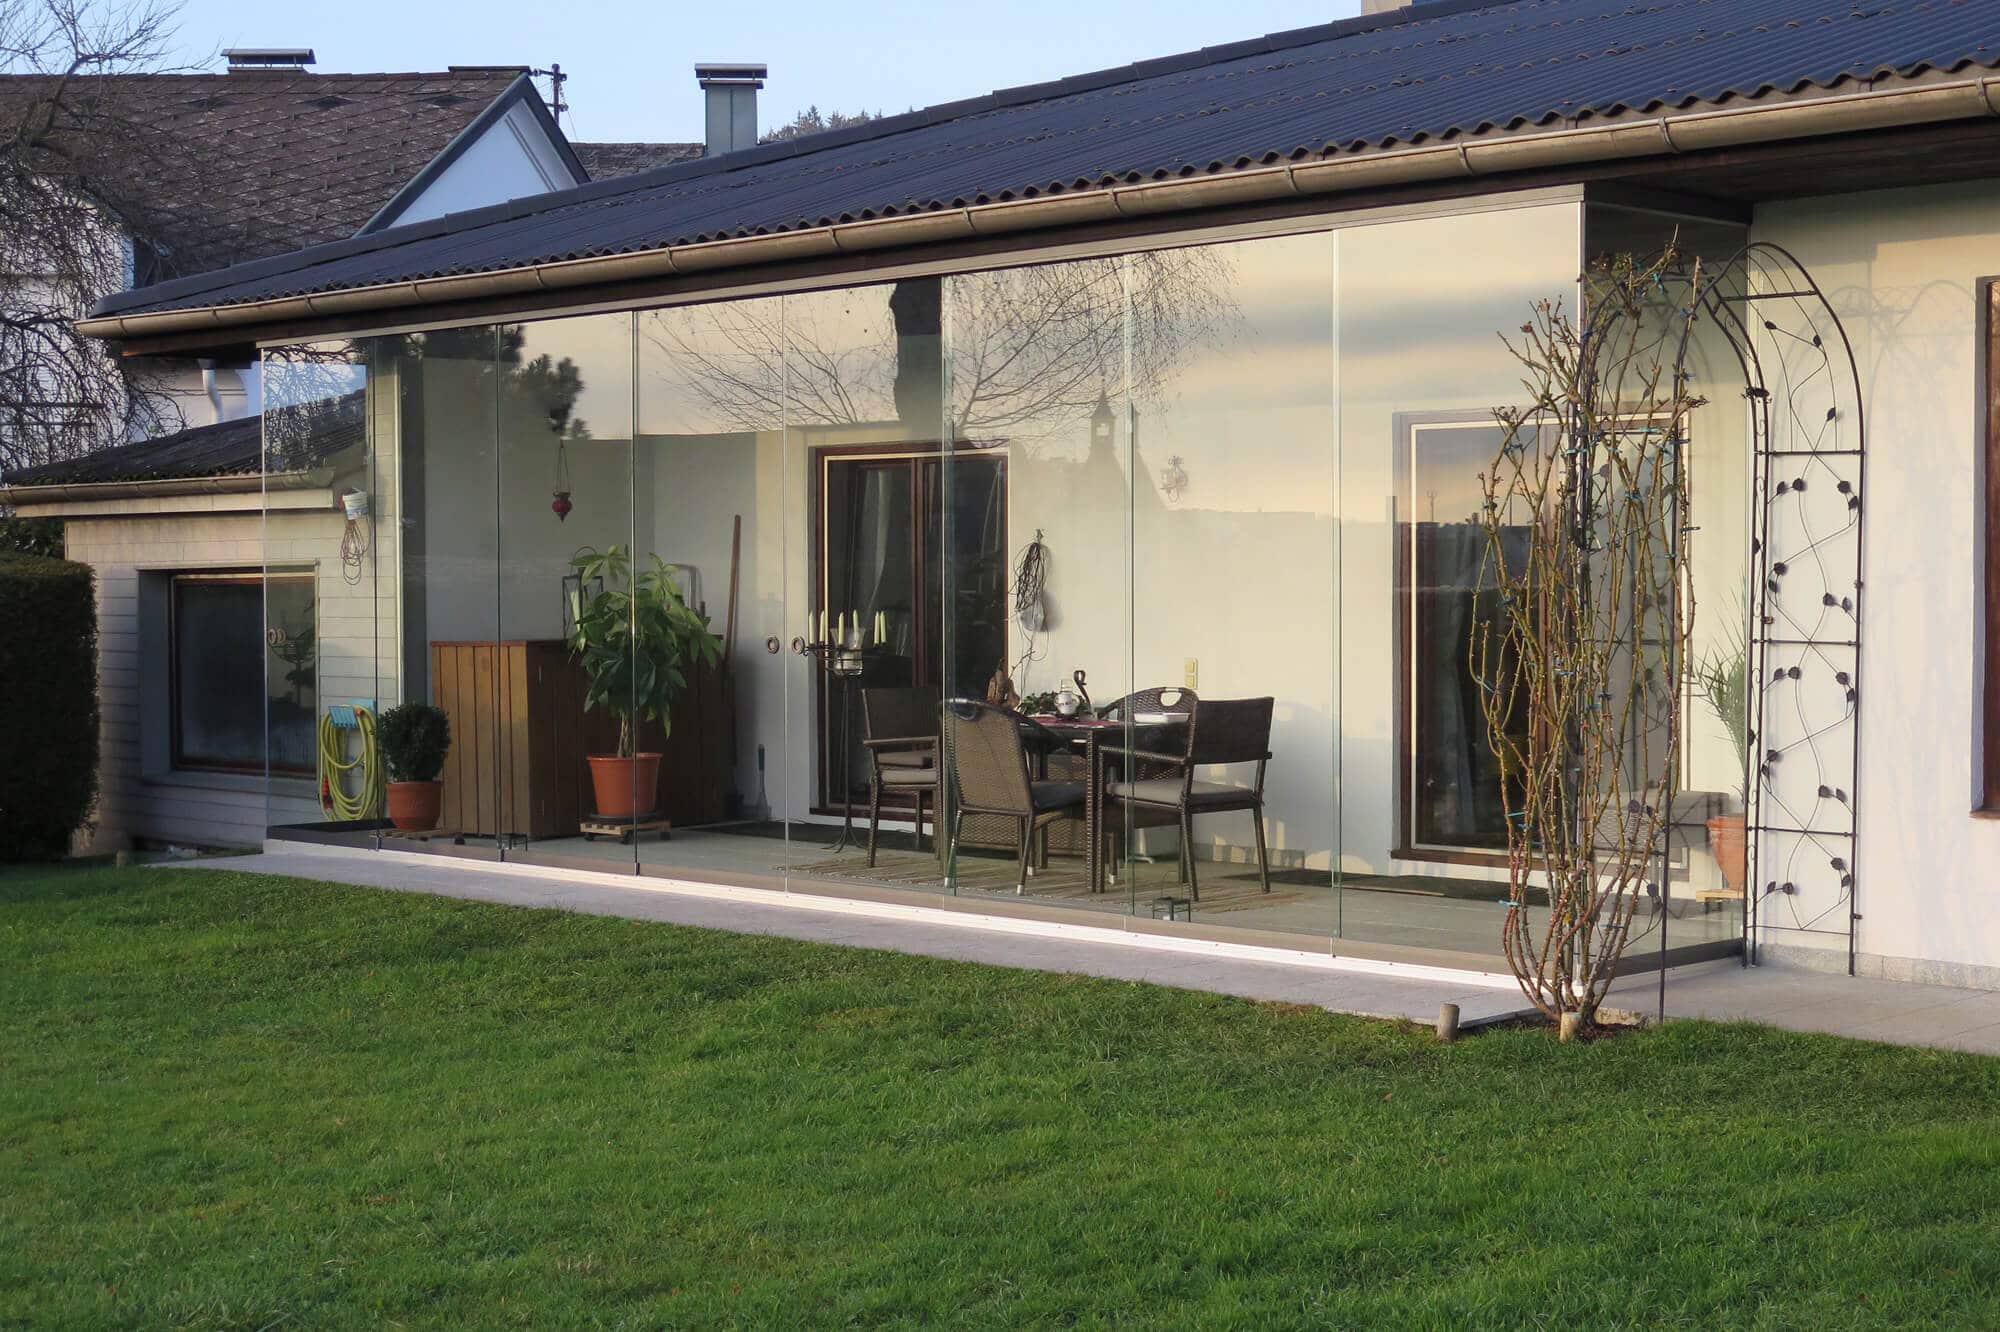 Schiebetüren als Wetterschutz Terrasse transparent